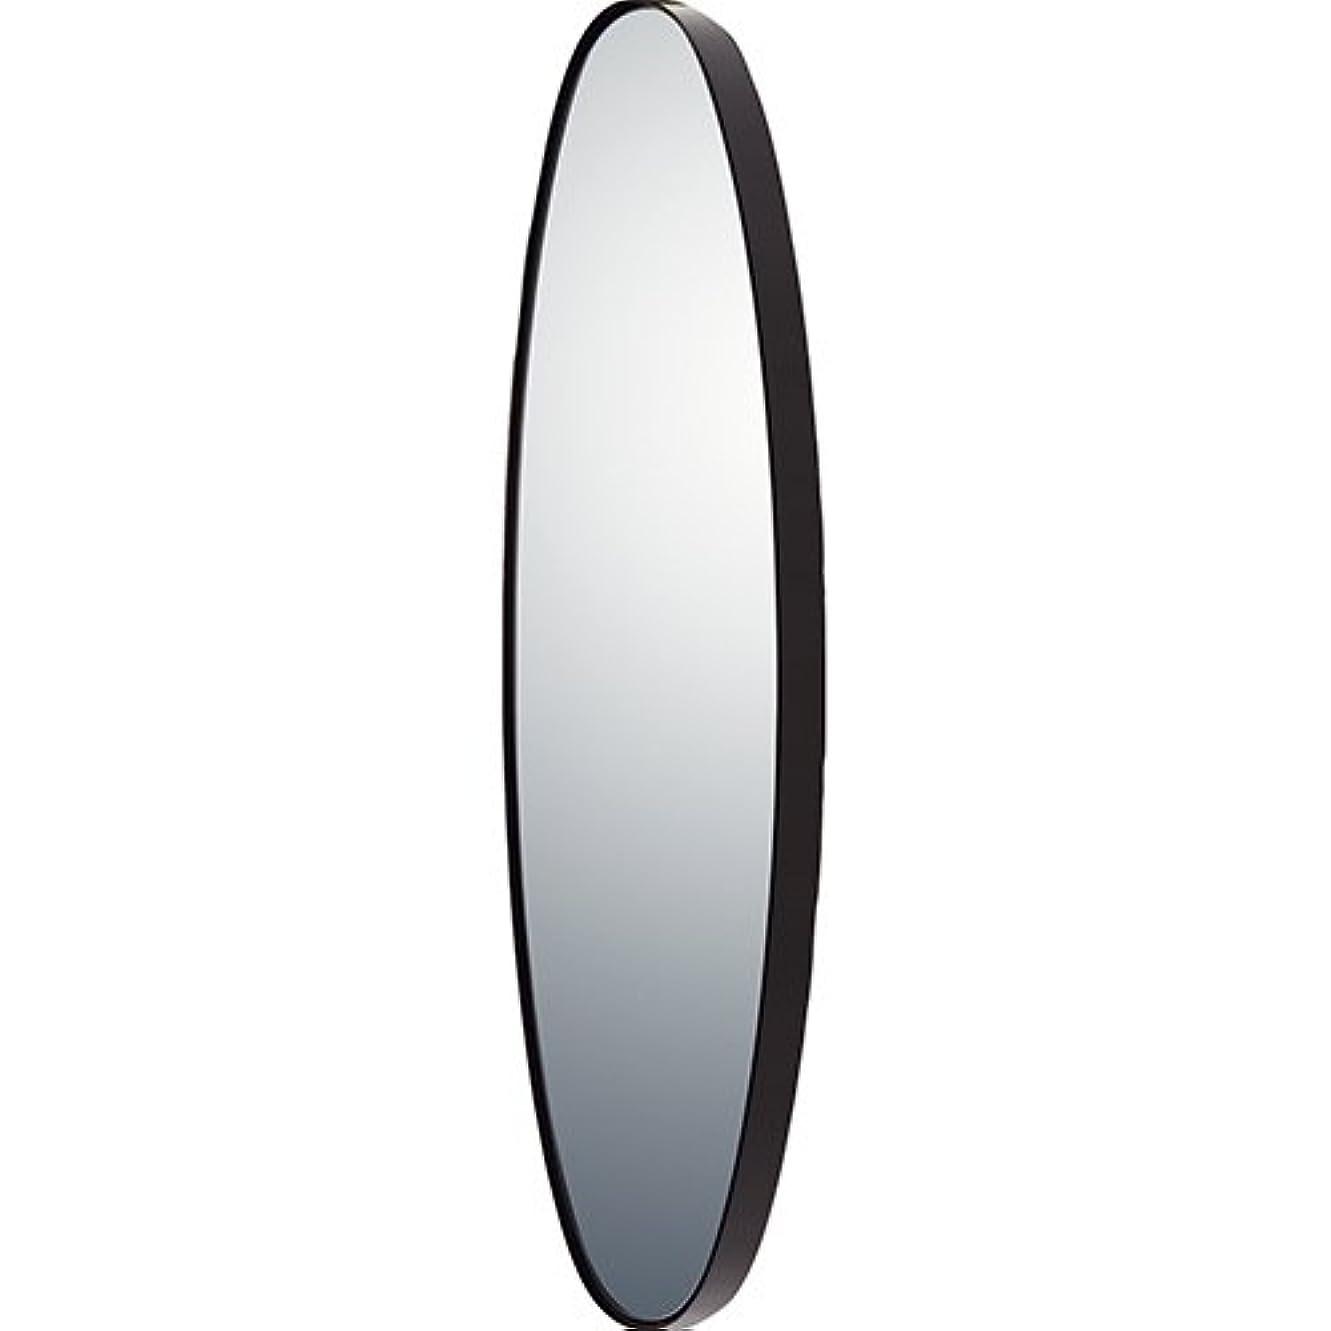 寓話クライアント準備するユーパワー ミラー?鏡 マルチ 重さ:約4kg オーバルロング グロスブラック SM-10052